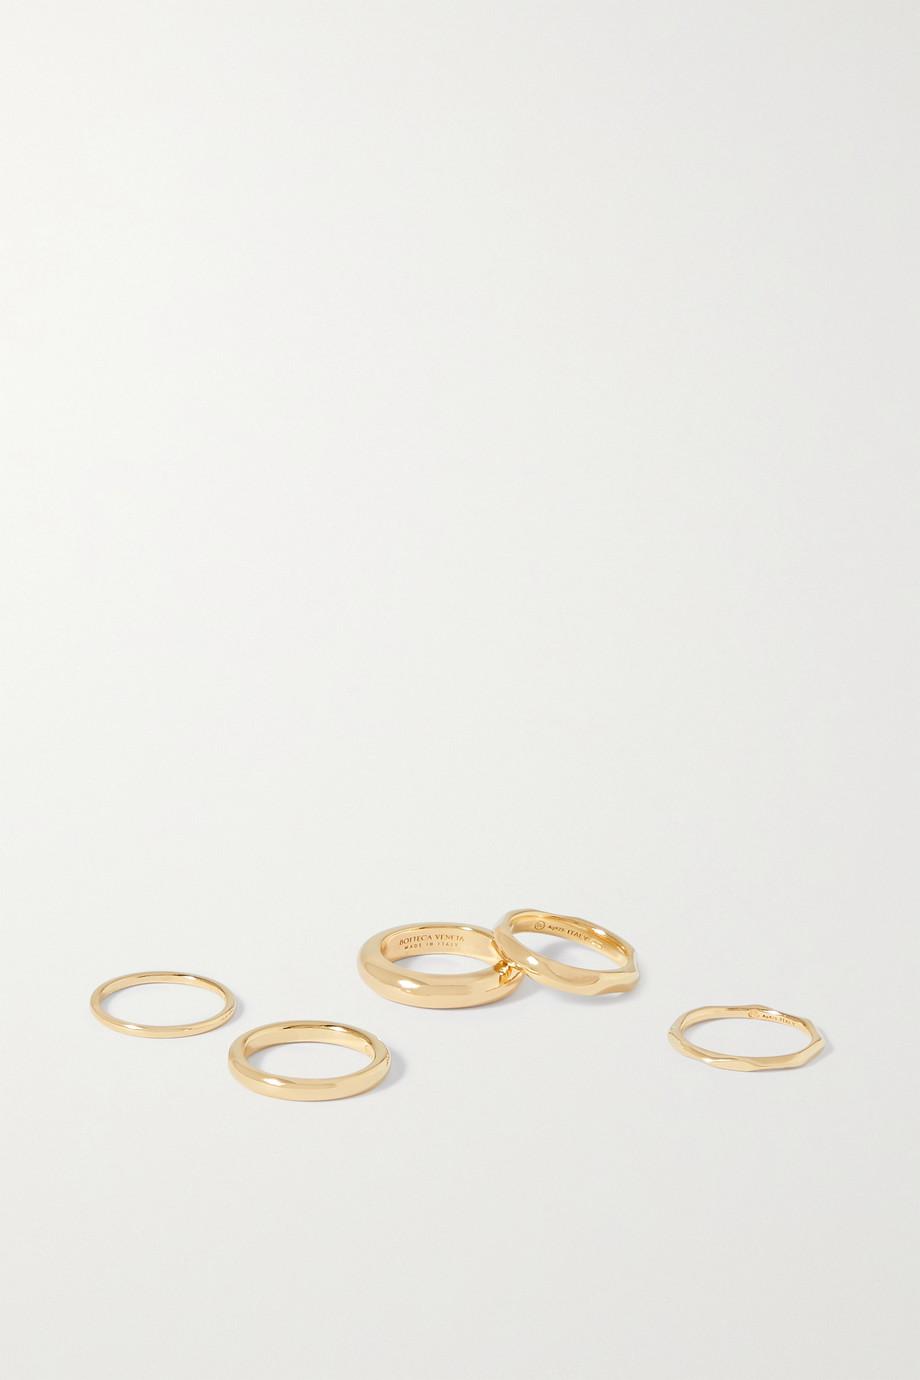 Bottega Veneta Set de cinq bagues en argent doré